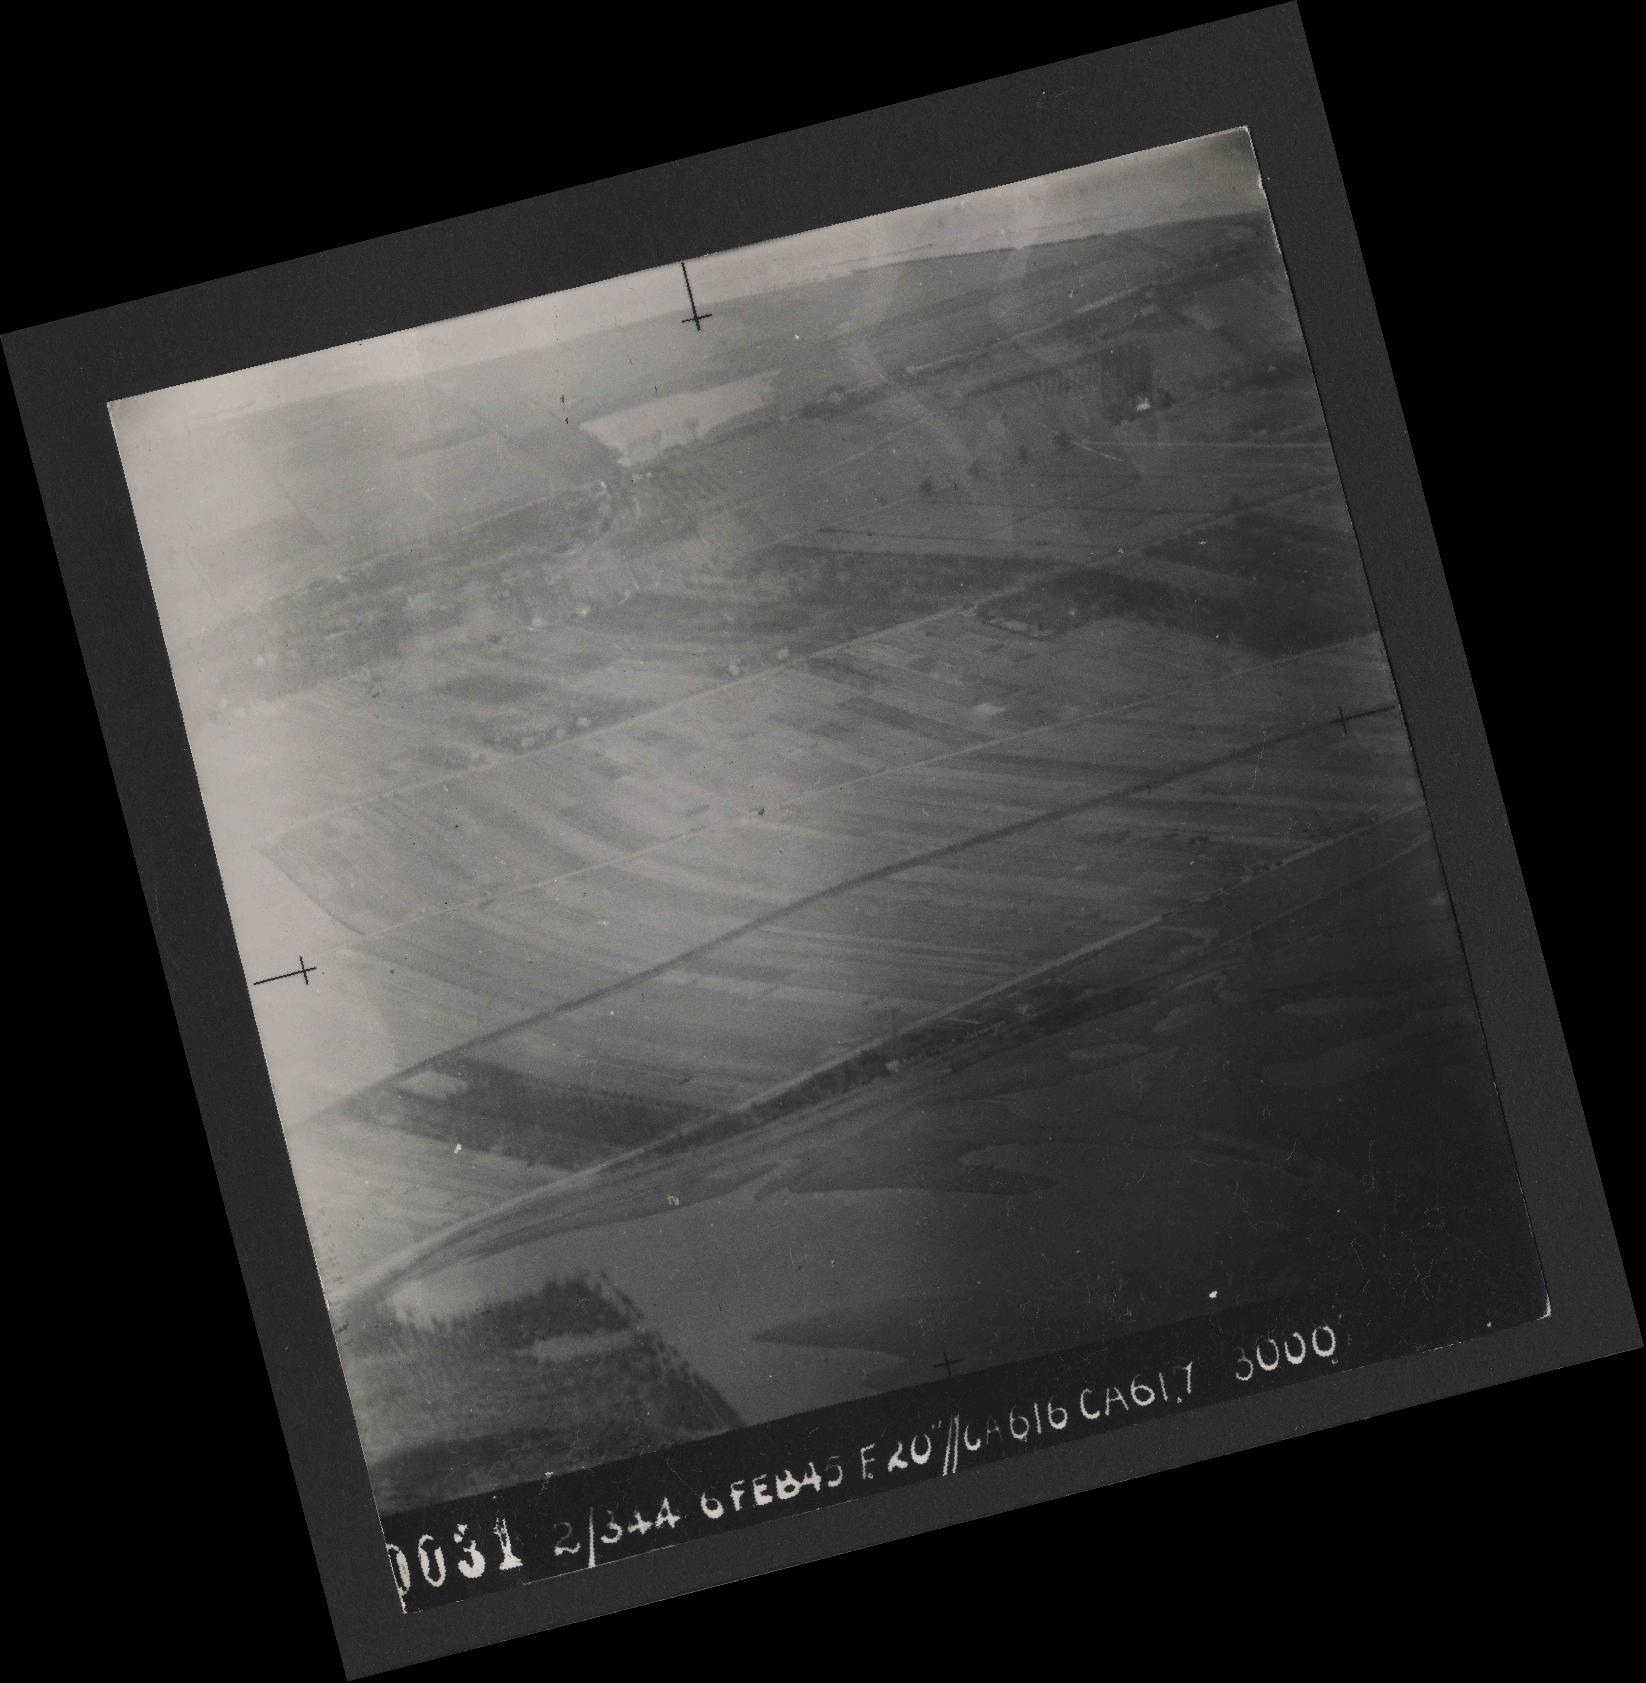 Collection RAF aerial photos 1940-1945 - flight 532, run 01, photo 0031